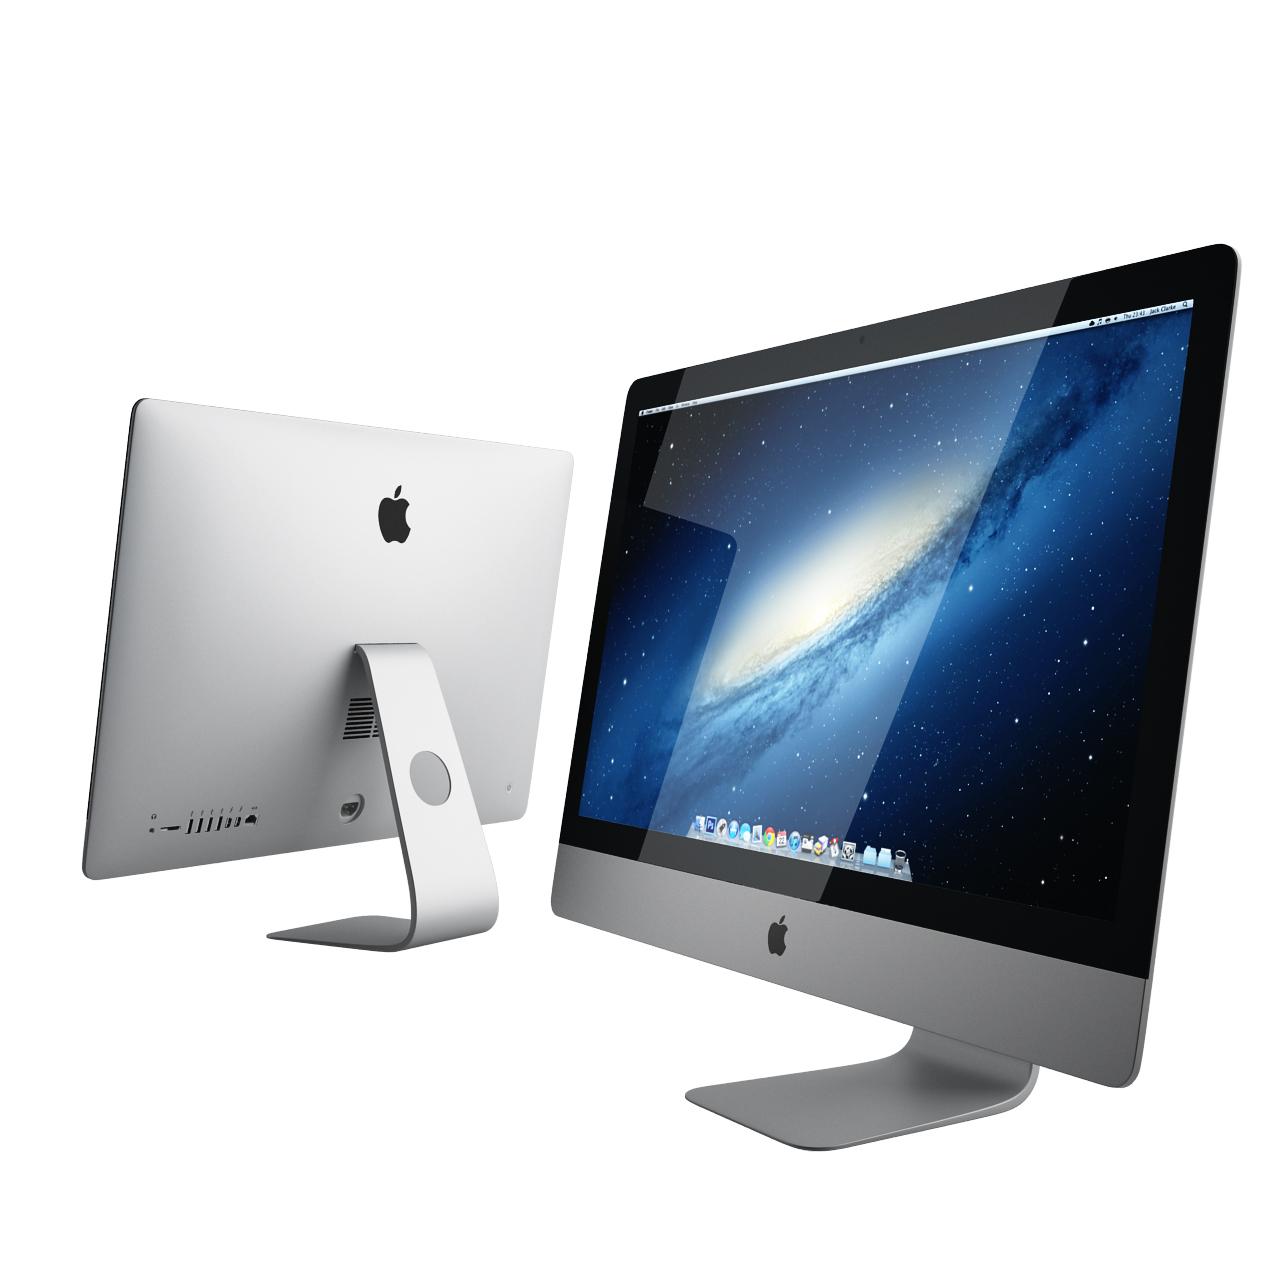 Mantenimiento informático Menorca - Servicio Técnico Apple MAC ...